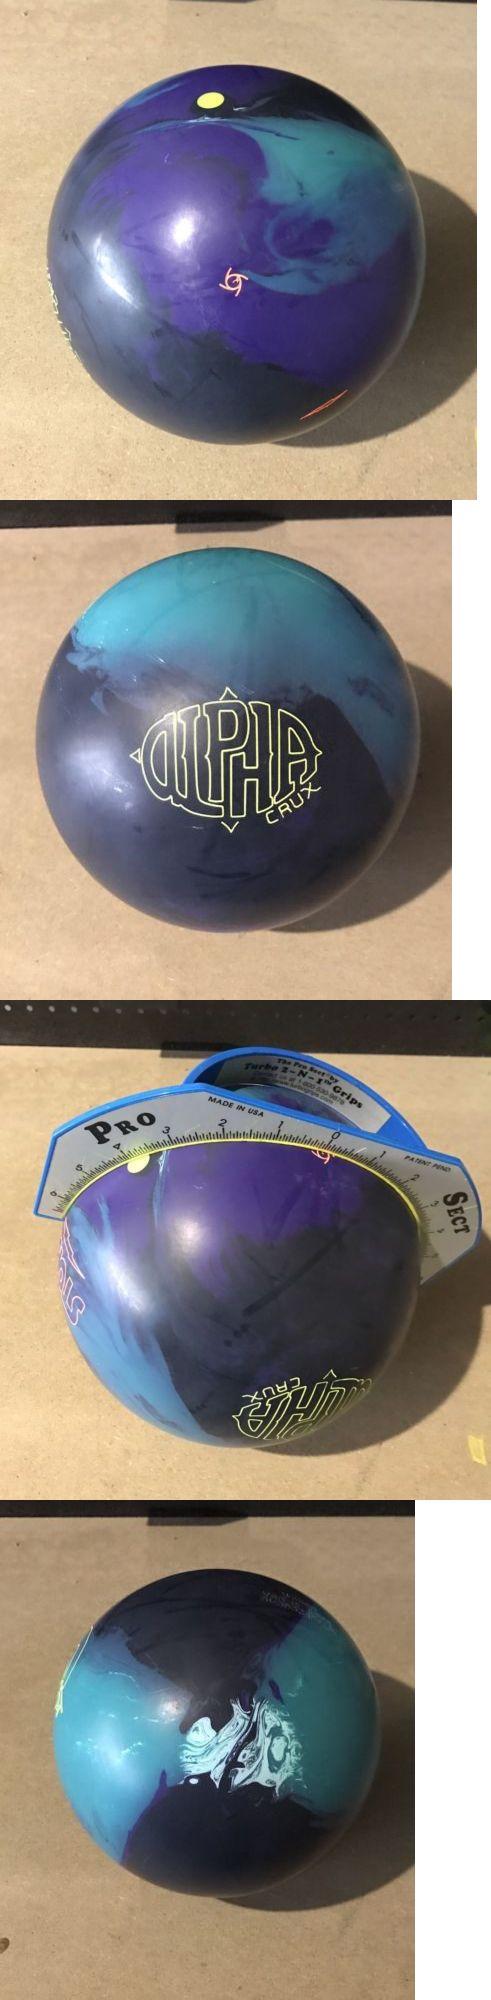 Balls 36105: Storm Alpha Crux 15 Lb Nnb Nib Bowling Ball Rare! -> BUY IT NOW ONLY: $189.99 on eBay!